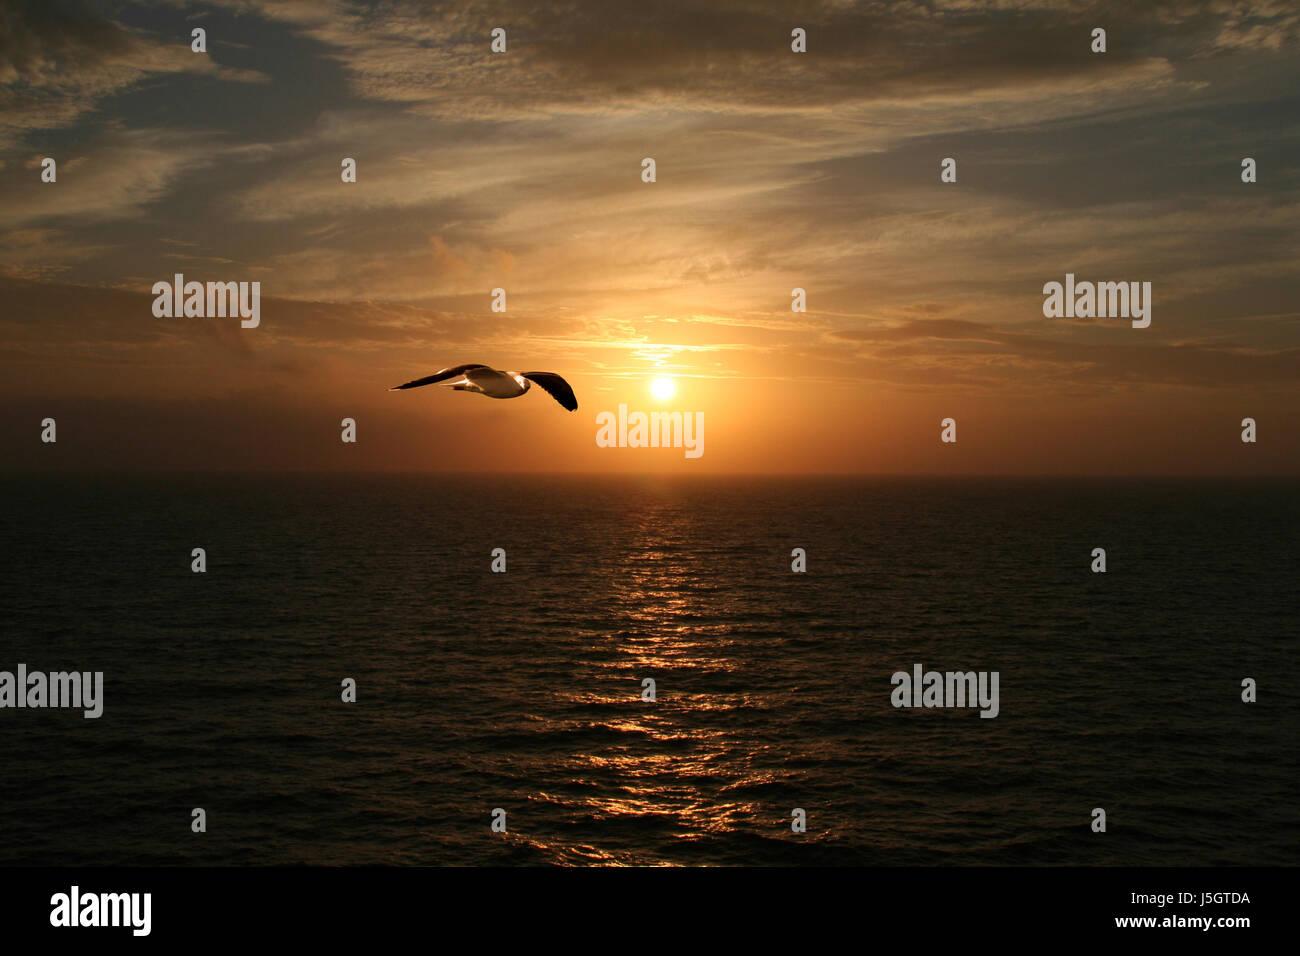 Horizonte Azul sunset ondas románticas velas romanticismo reflexión humor ancho Foto de stock